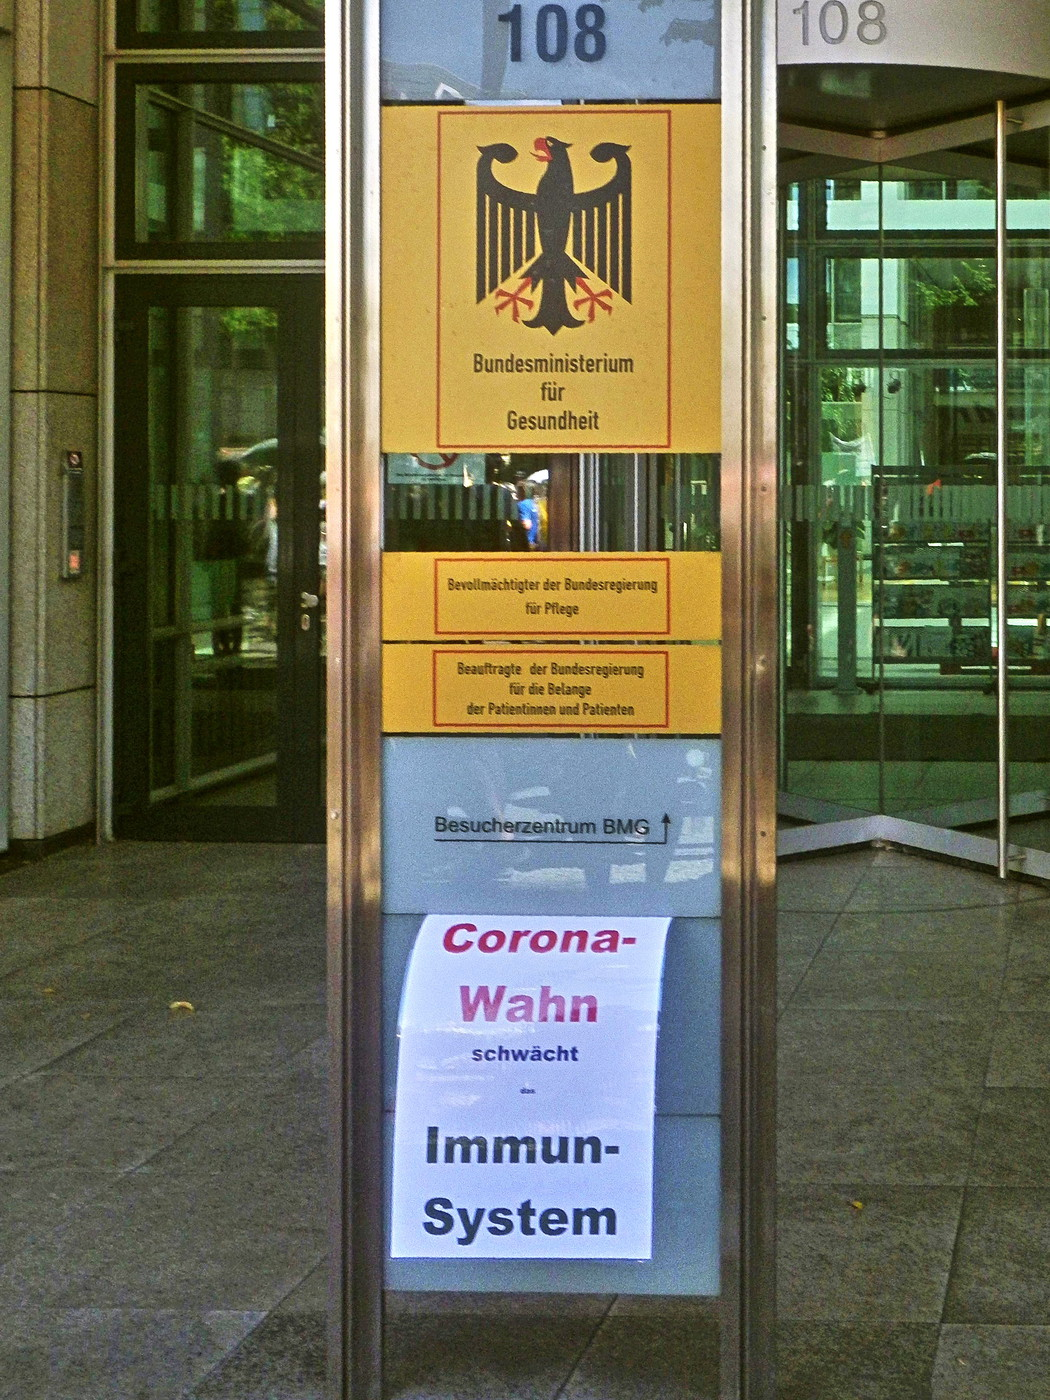 An das Bundesministerium für Gesundheit: Corona-Wahn schwächt das Immunsystem!